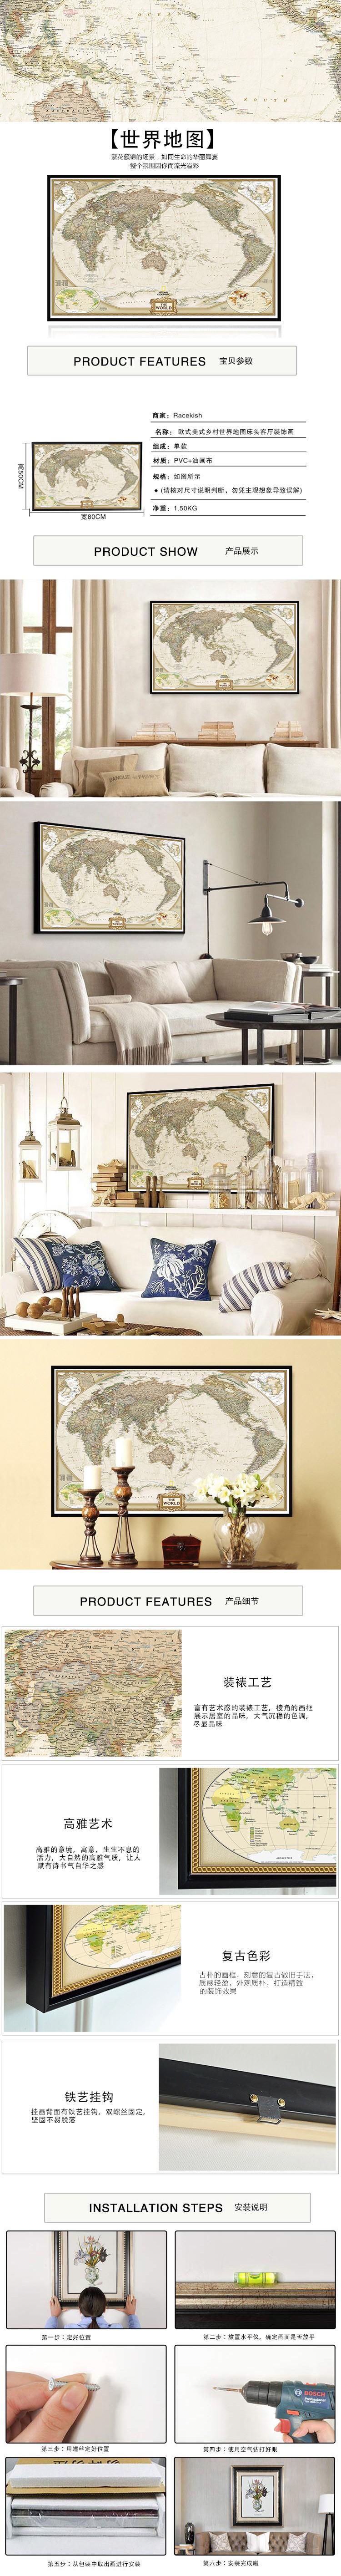 地图床头客厅装饰画rbj